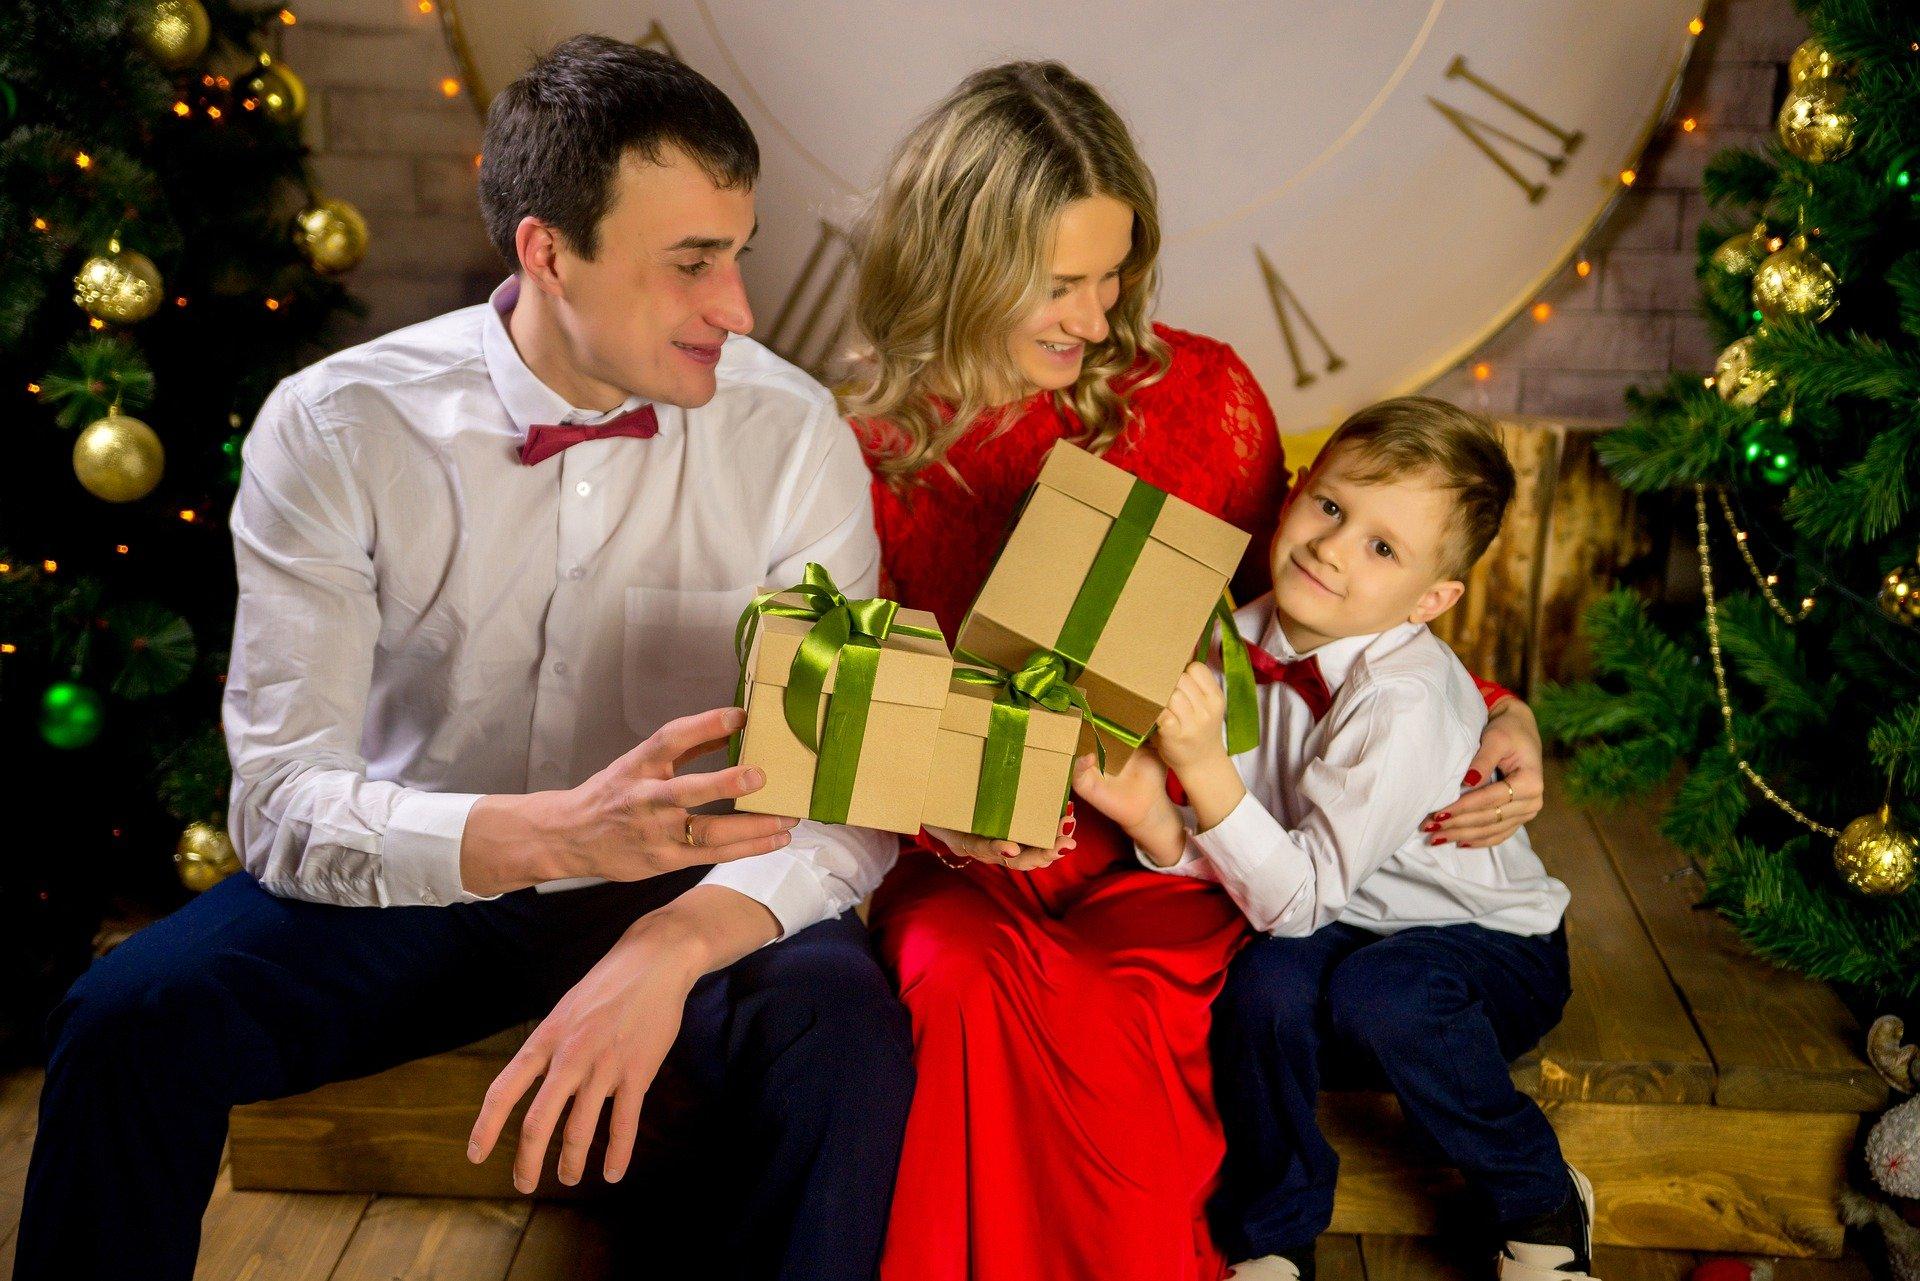 В группе «Серафимовой земли» в ВКонтакте стартовало голосование за лучшую семейную фотографию